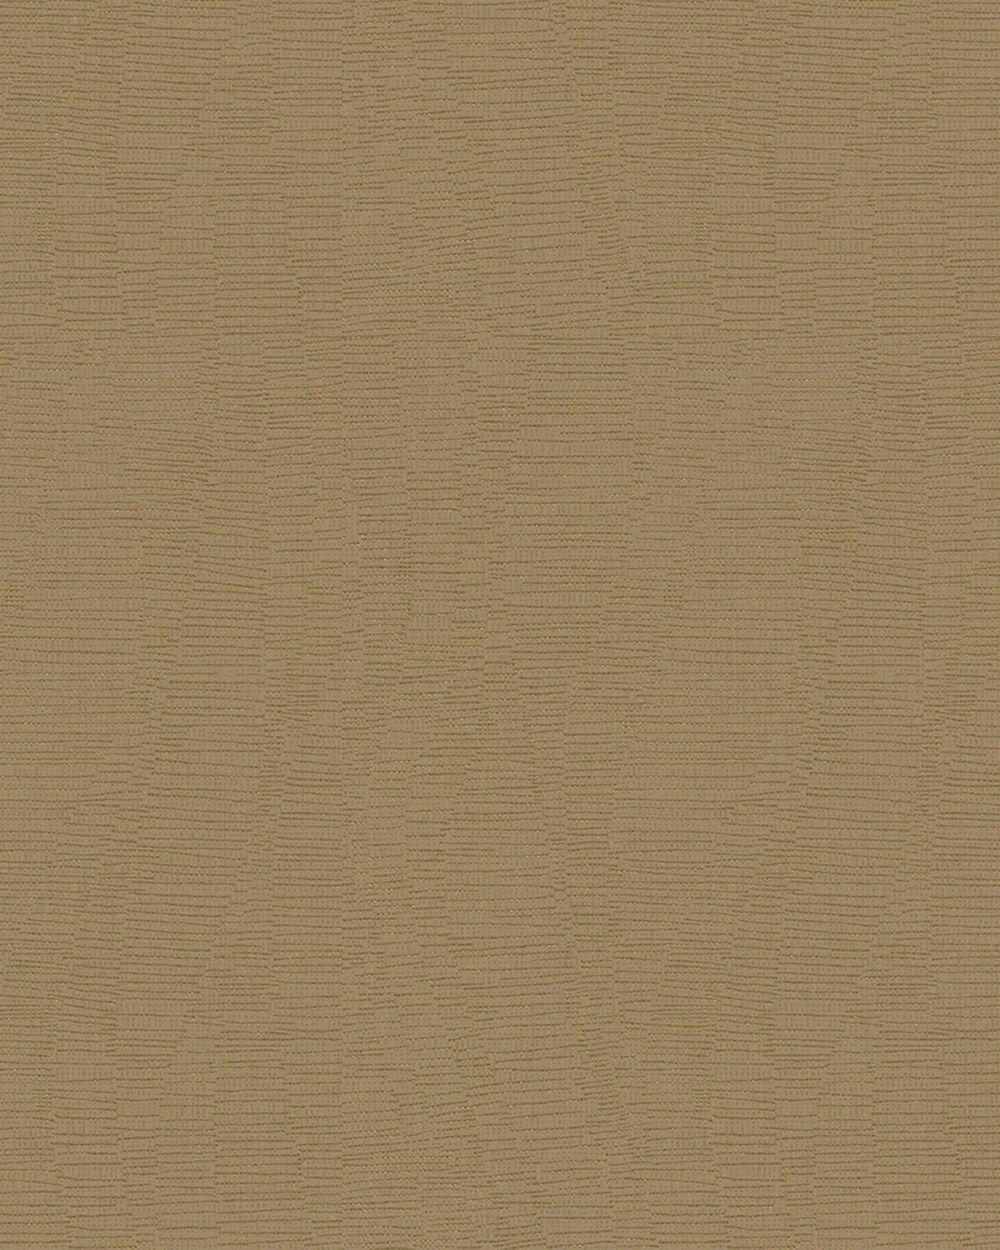 tapete vlies marburg grafik striche braun gold glanz 59109. Black Bedroom Furniture Sets. Home Design Ideas